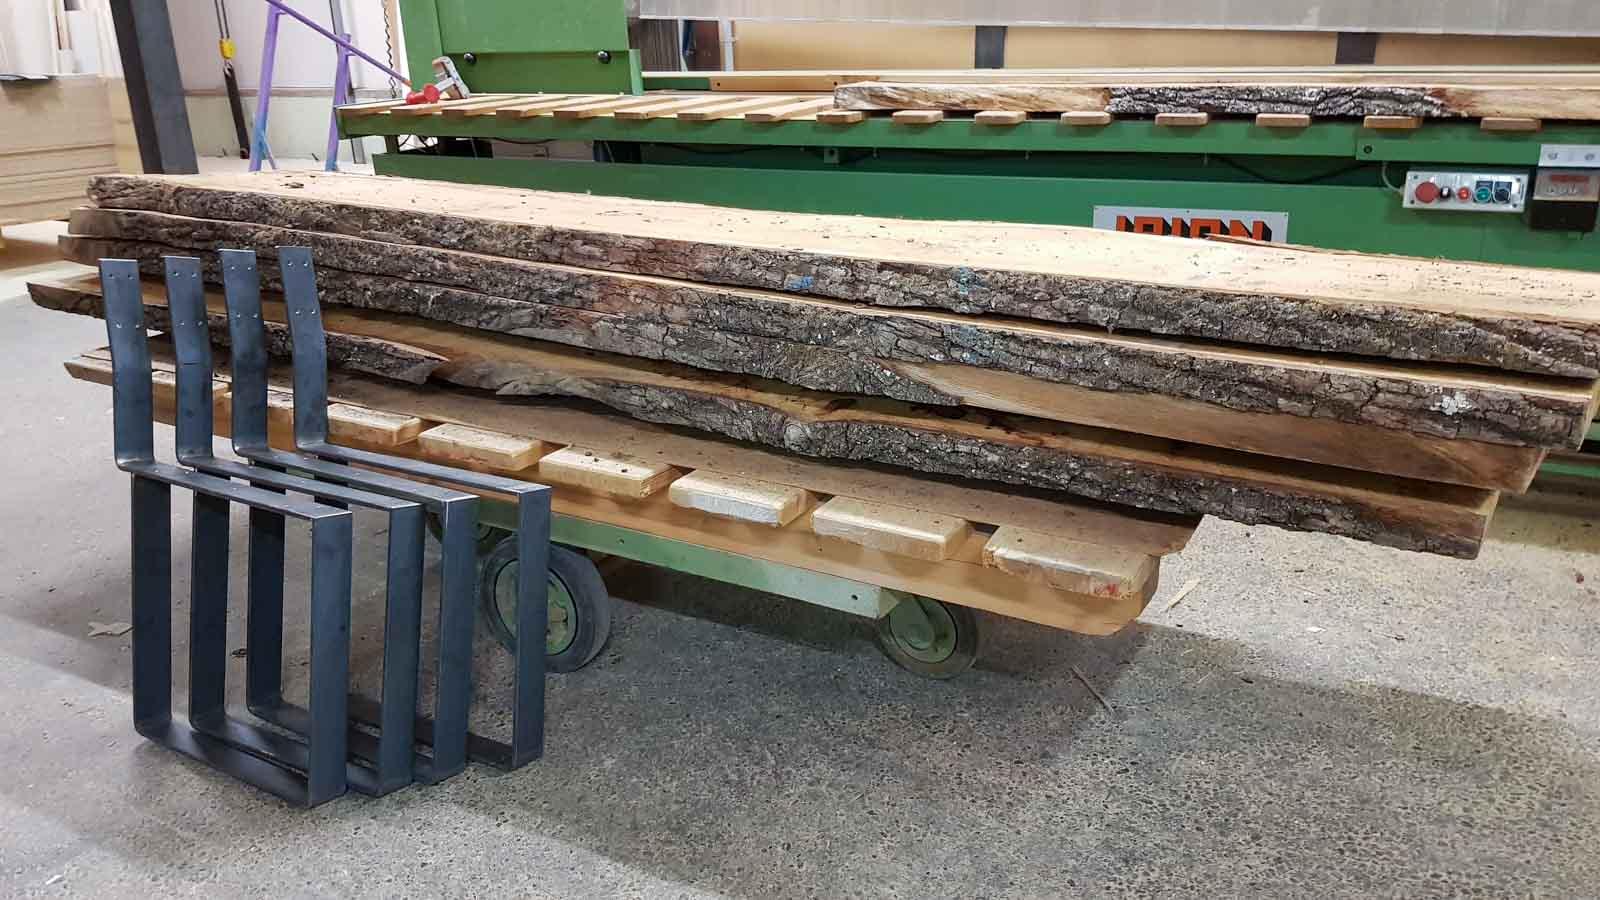 Wooddesign_Tisch_ Herstellung_Schwarzstahl_Tischgestell_Schreinerei Möbelwerkstatt (2)